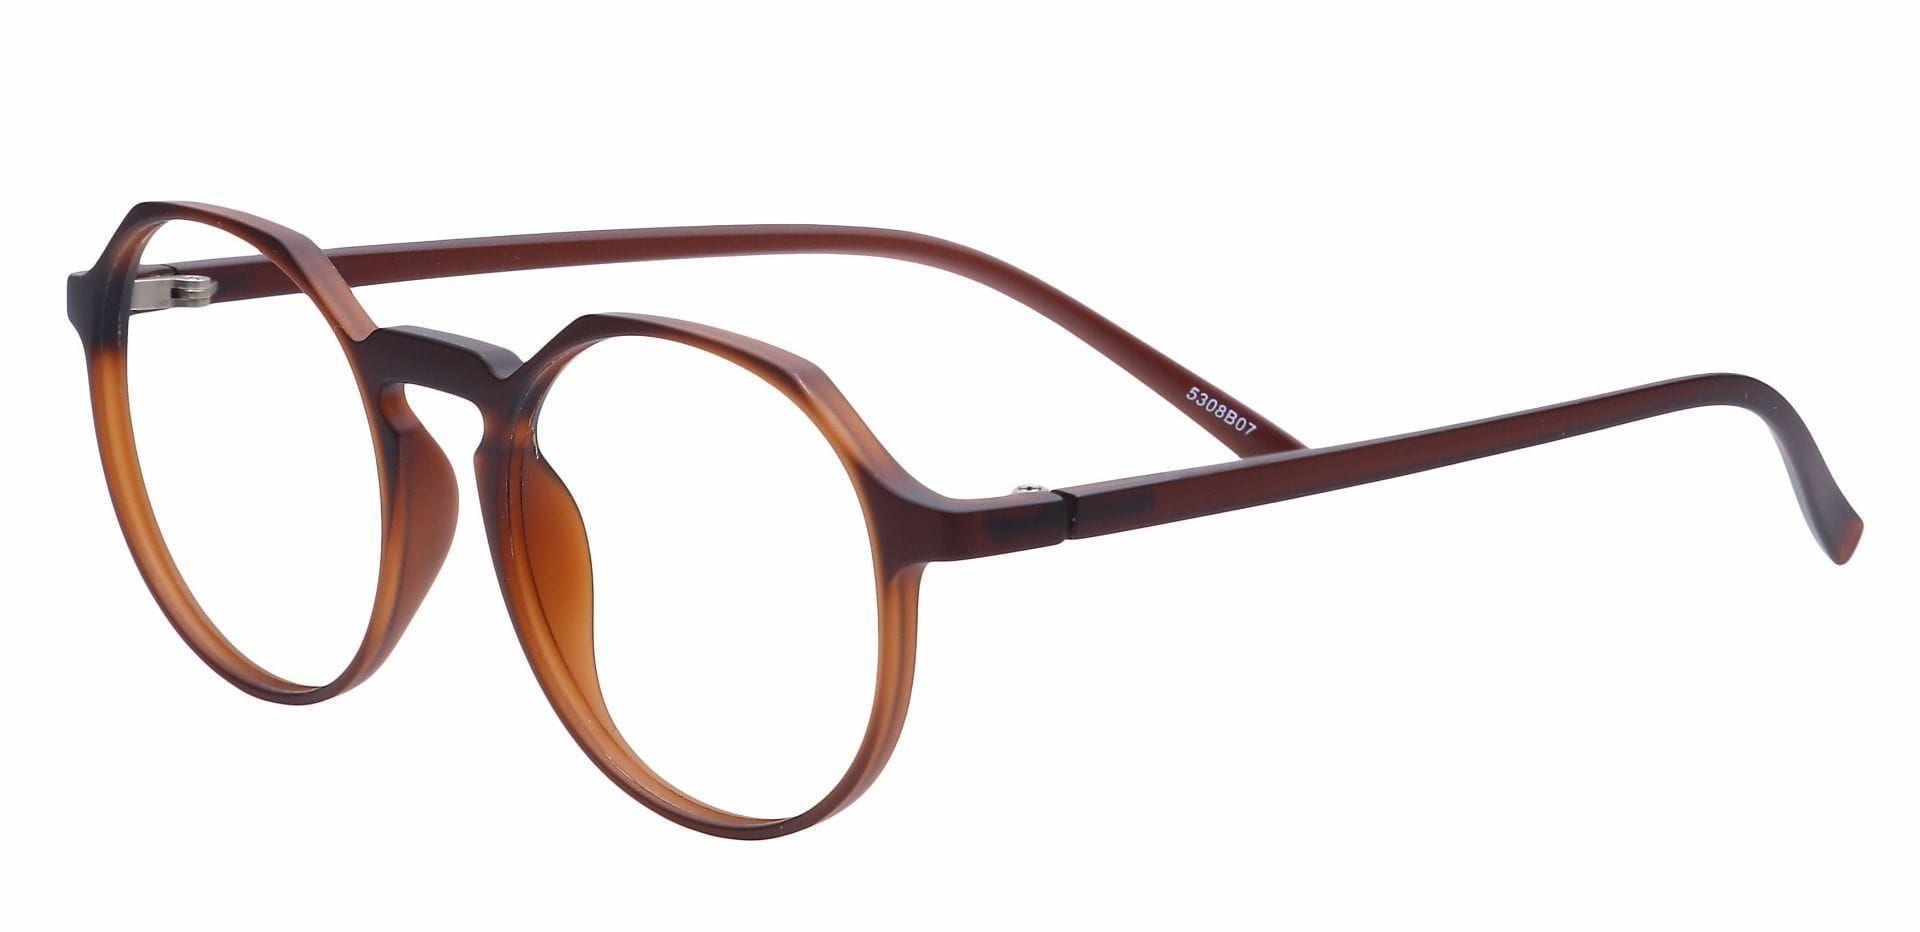 Dash Oval Progressive Glasses - Brown